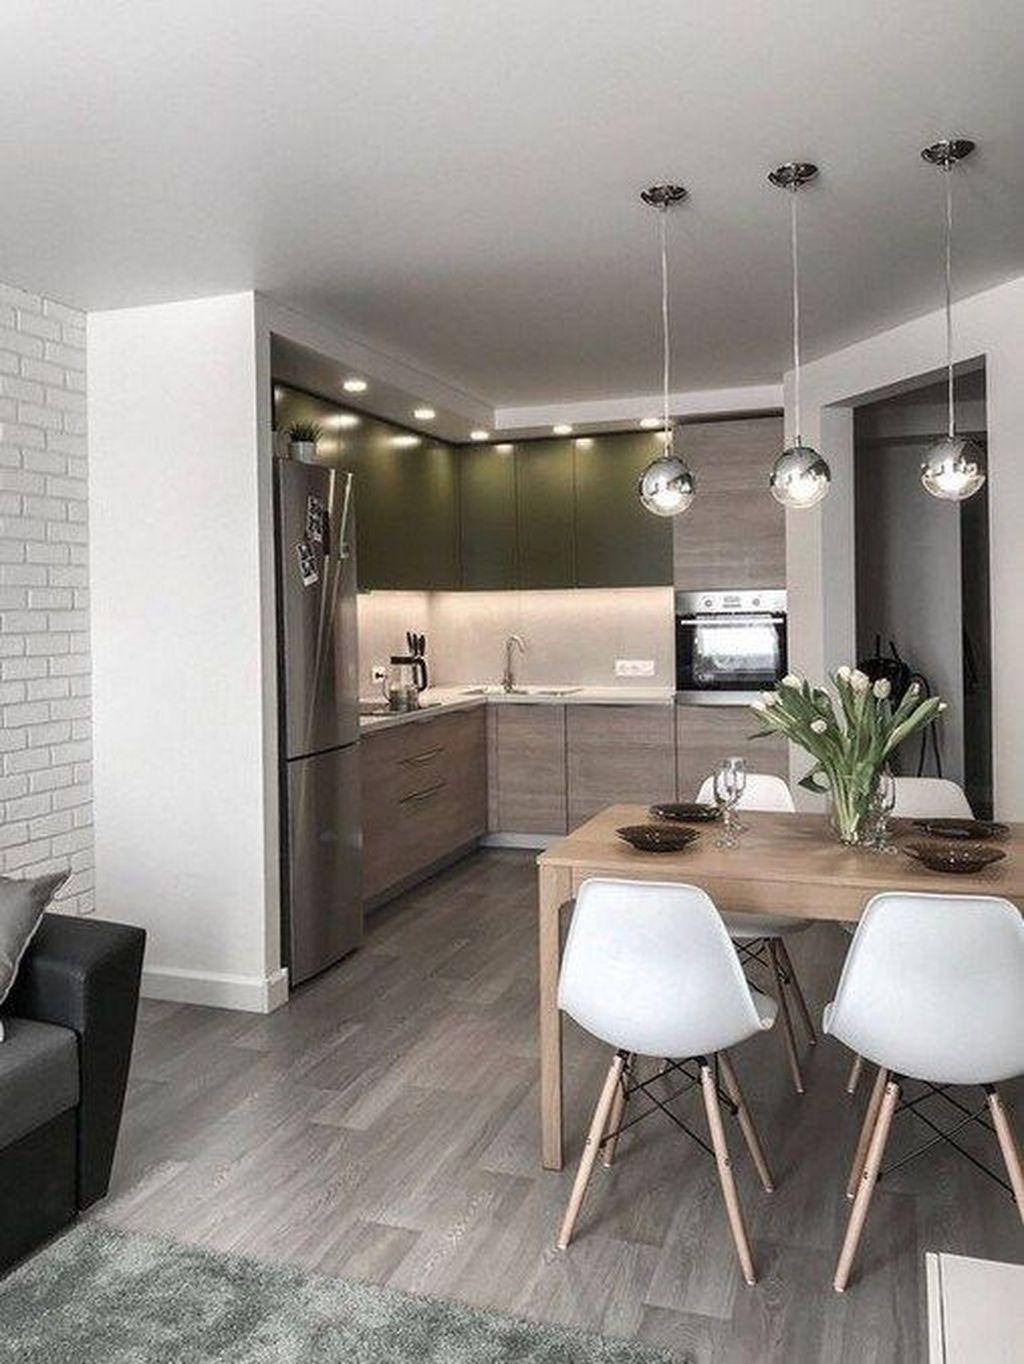 41 The Best Apartment Design Ideas Elegant Look In 2019 In 2020 Modern Kitchen Interiors Kitchen Design Small Home Decor Kitchen